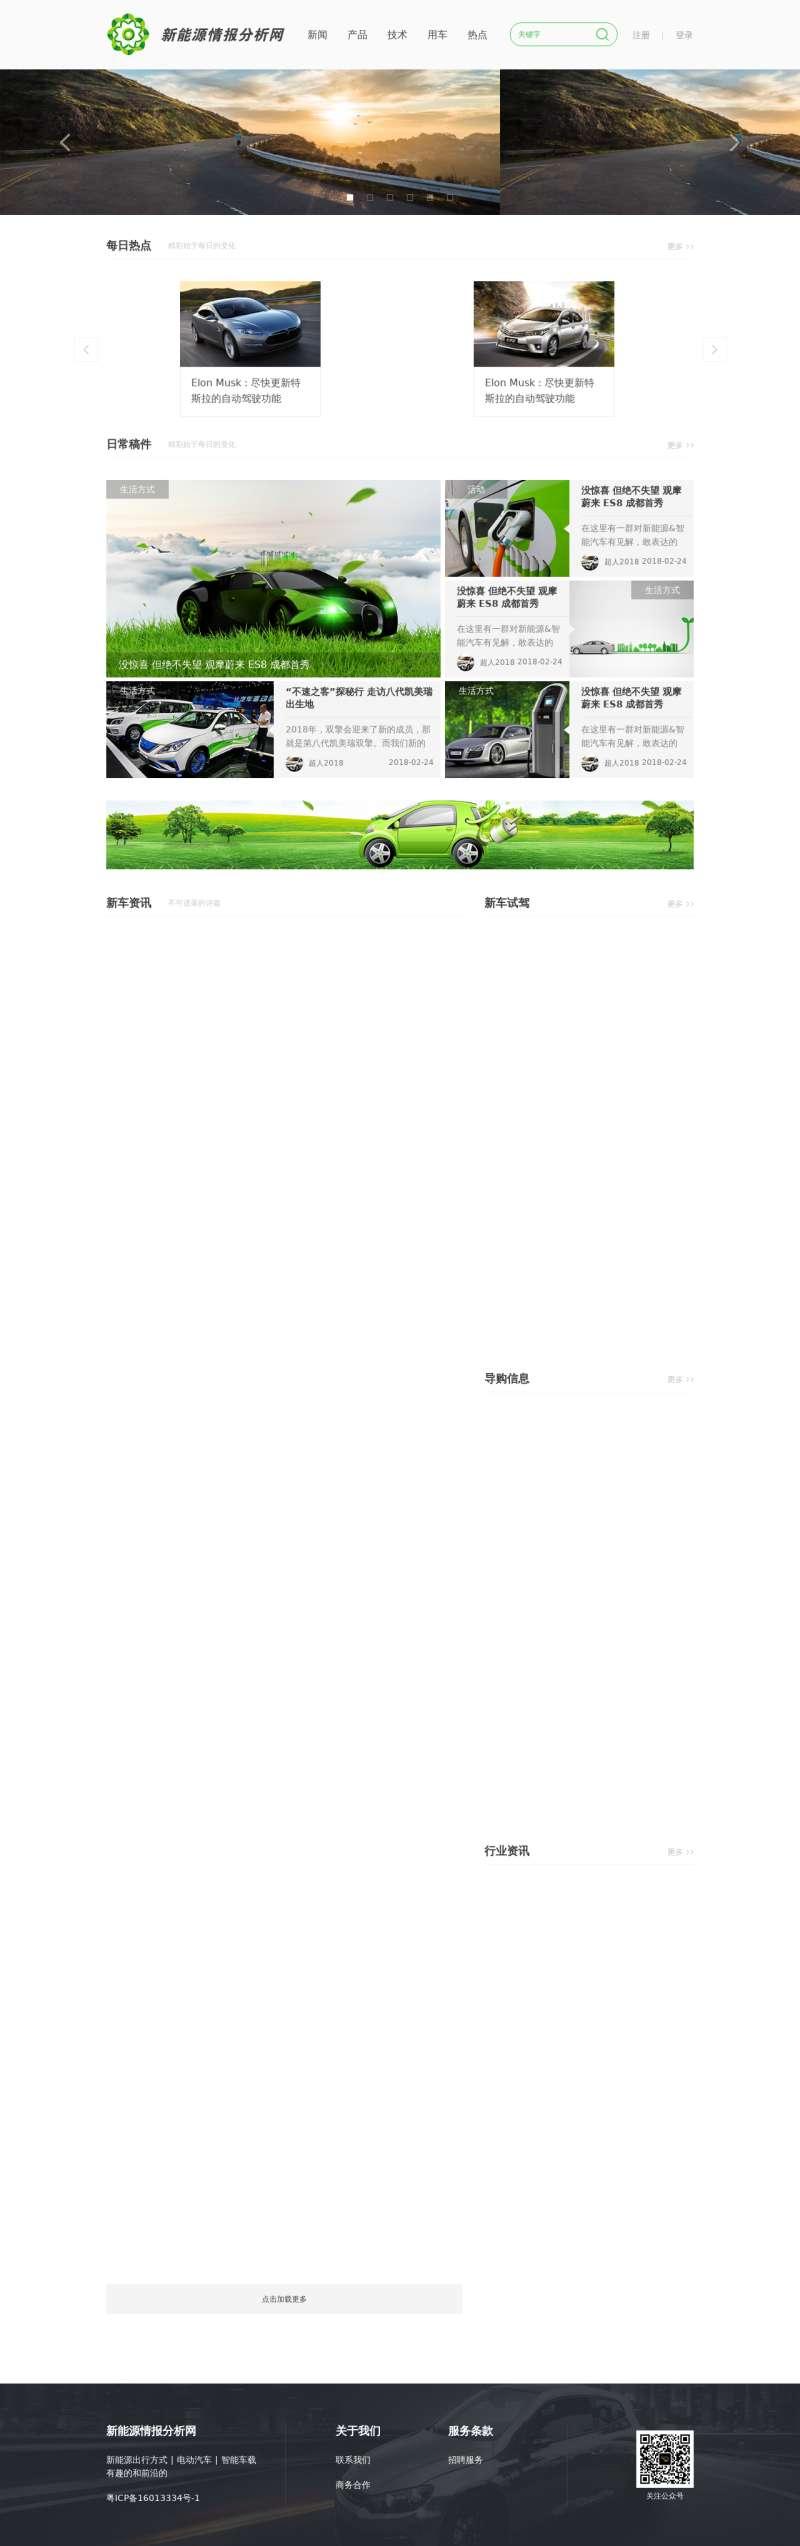 新能源汽车资讯门户网站静态模板